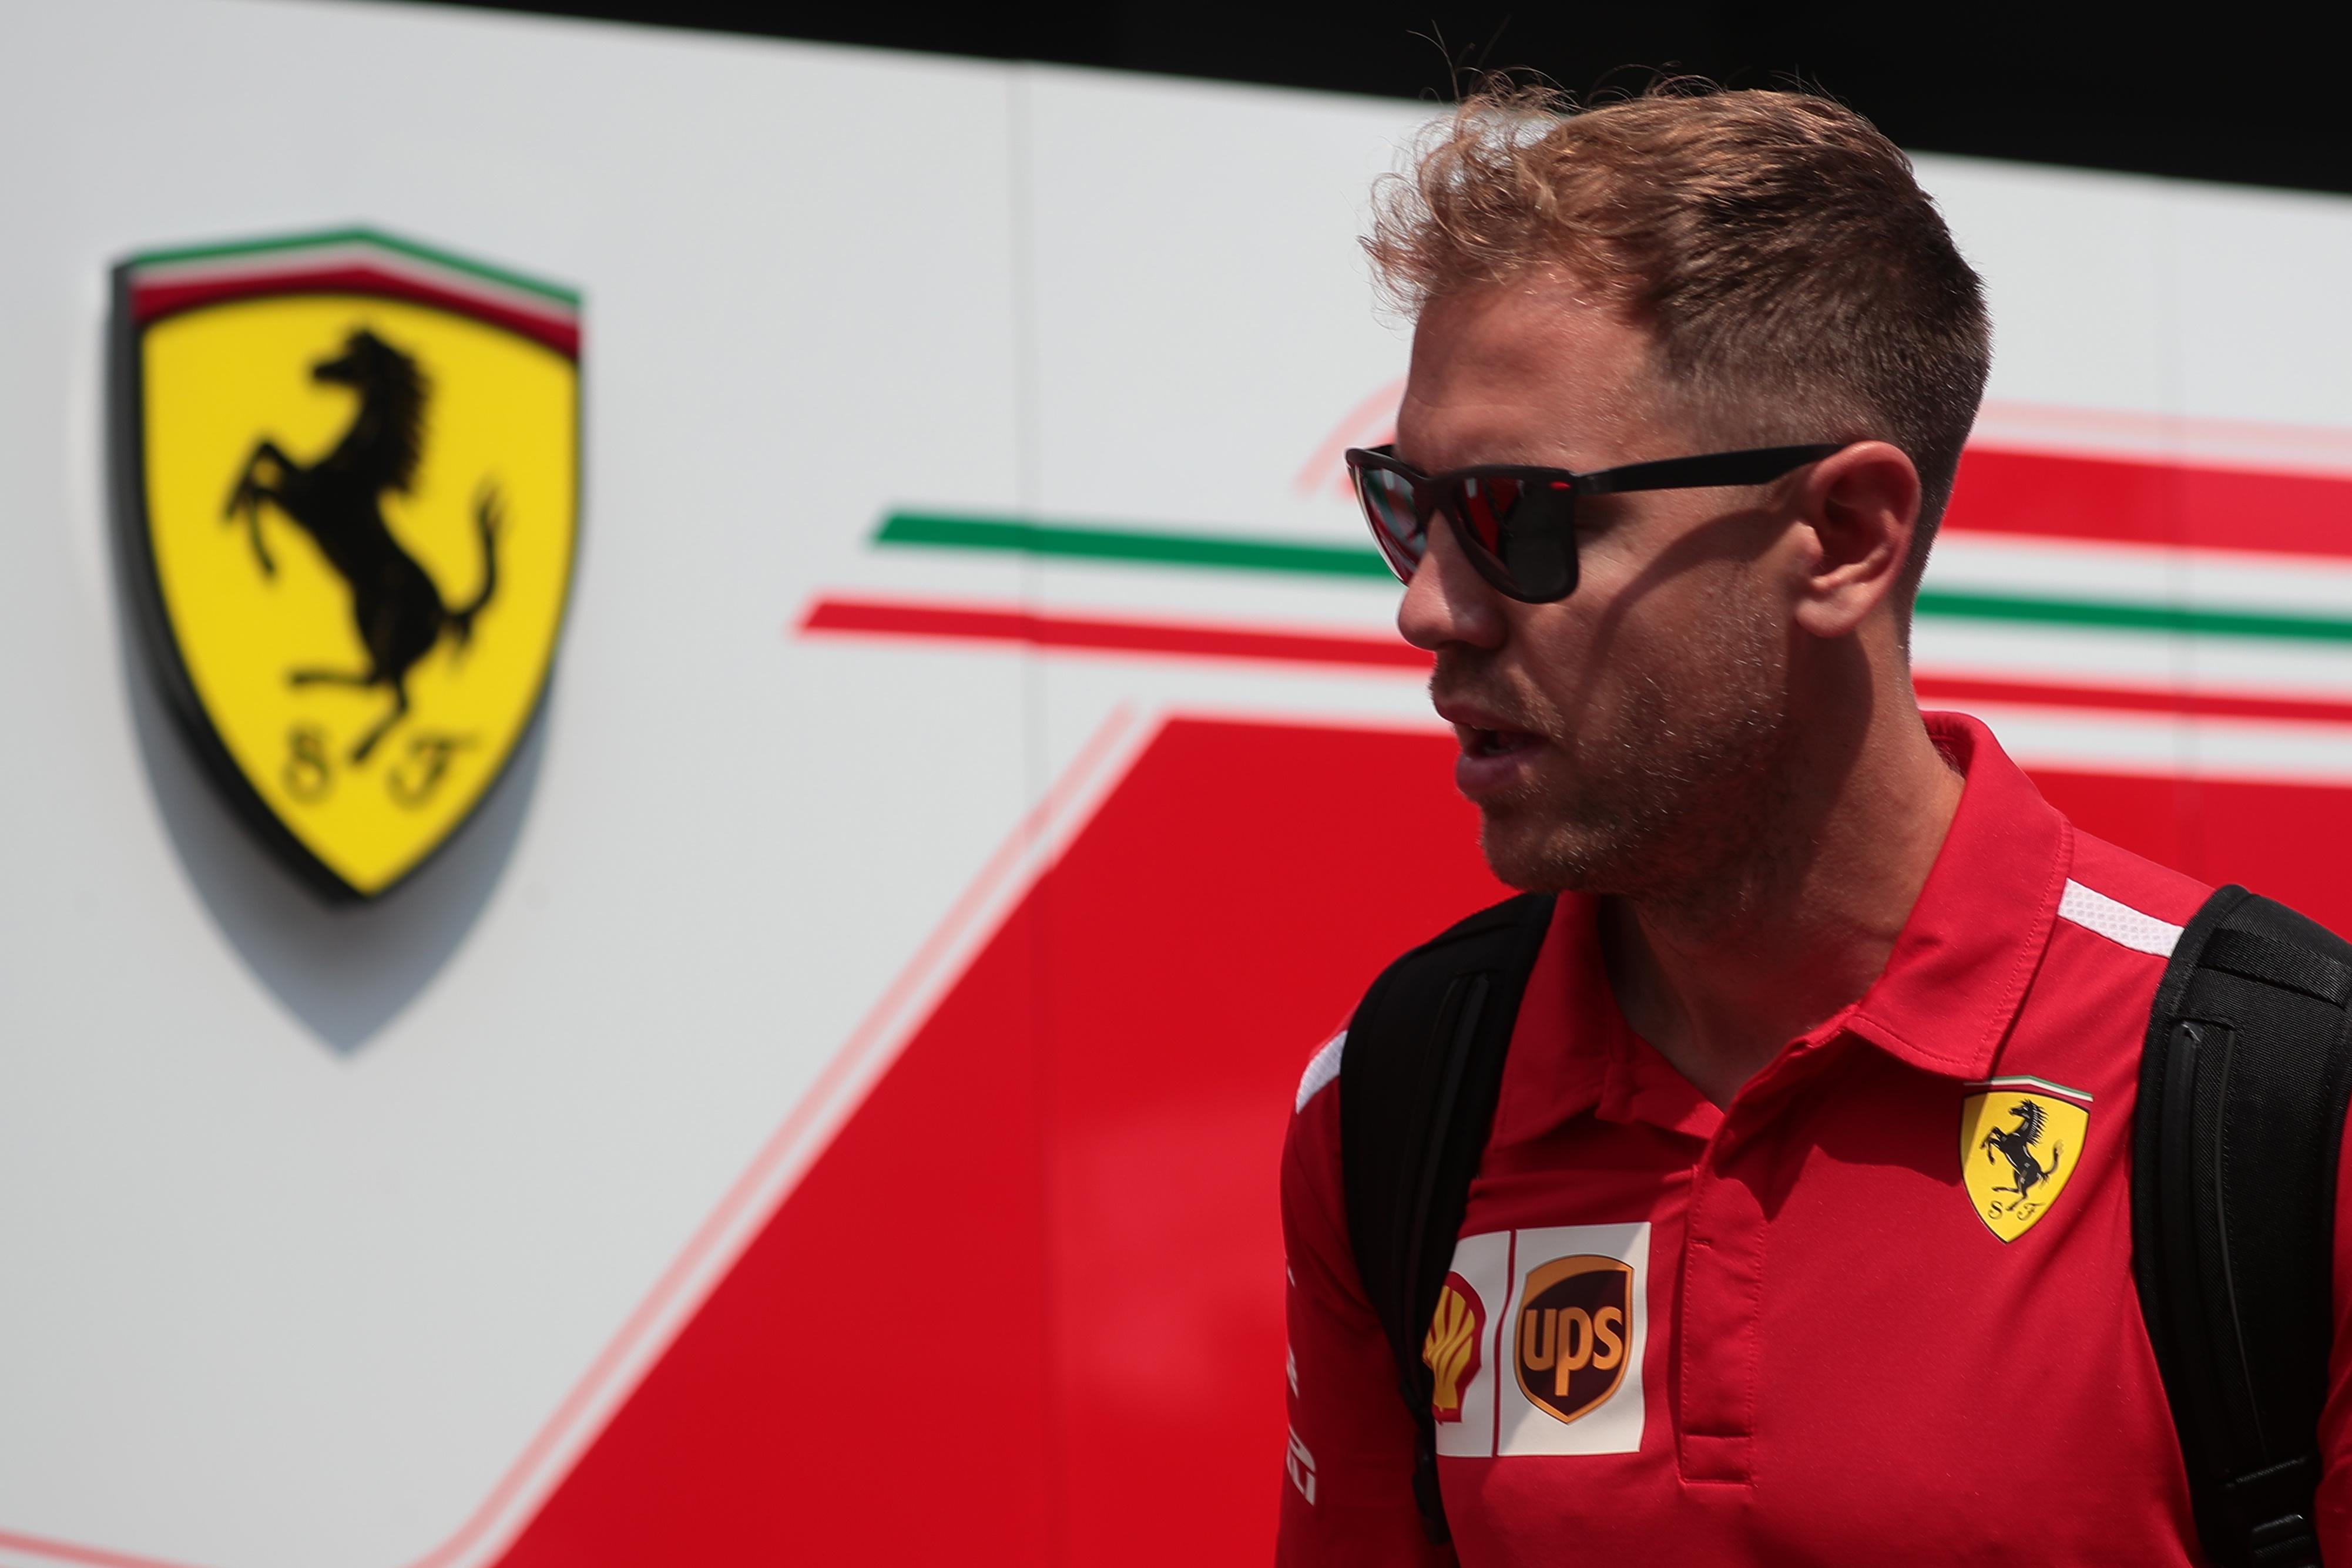 Sebastian Vettel says he does not feel the pressure despite another mistake